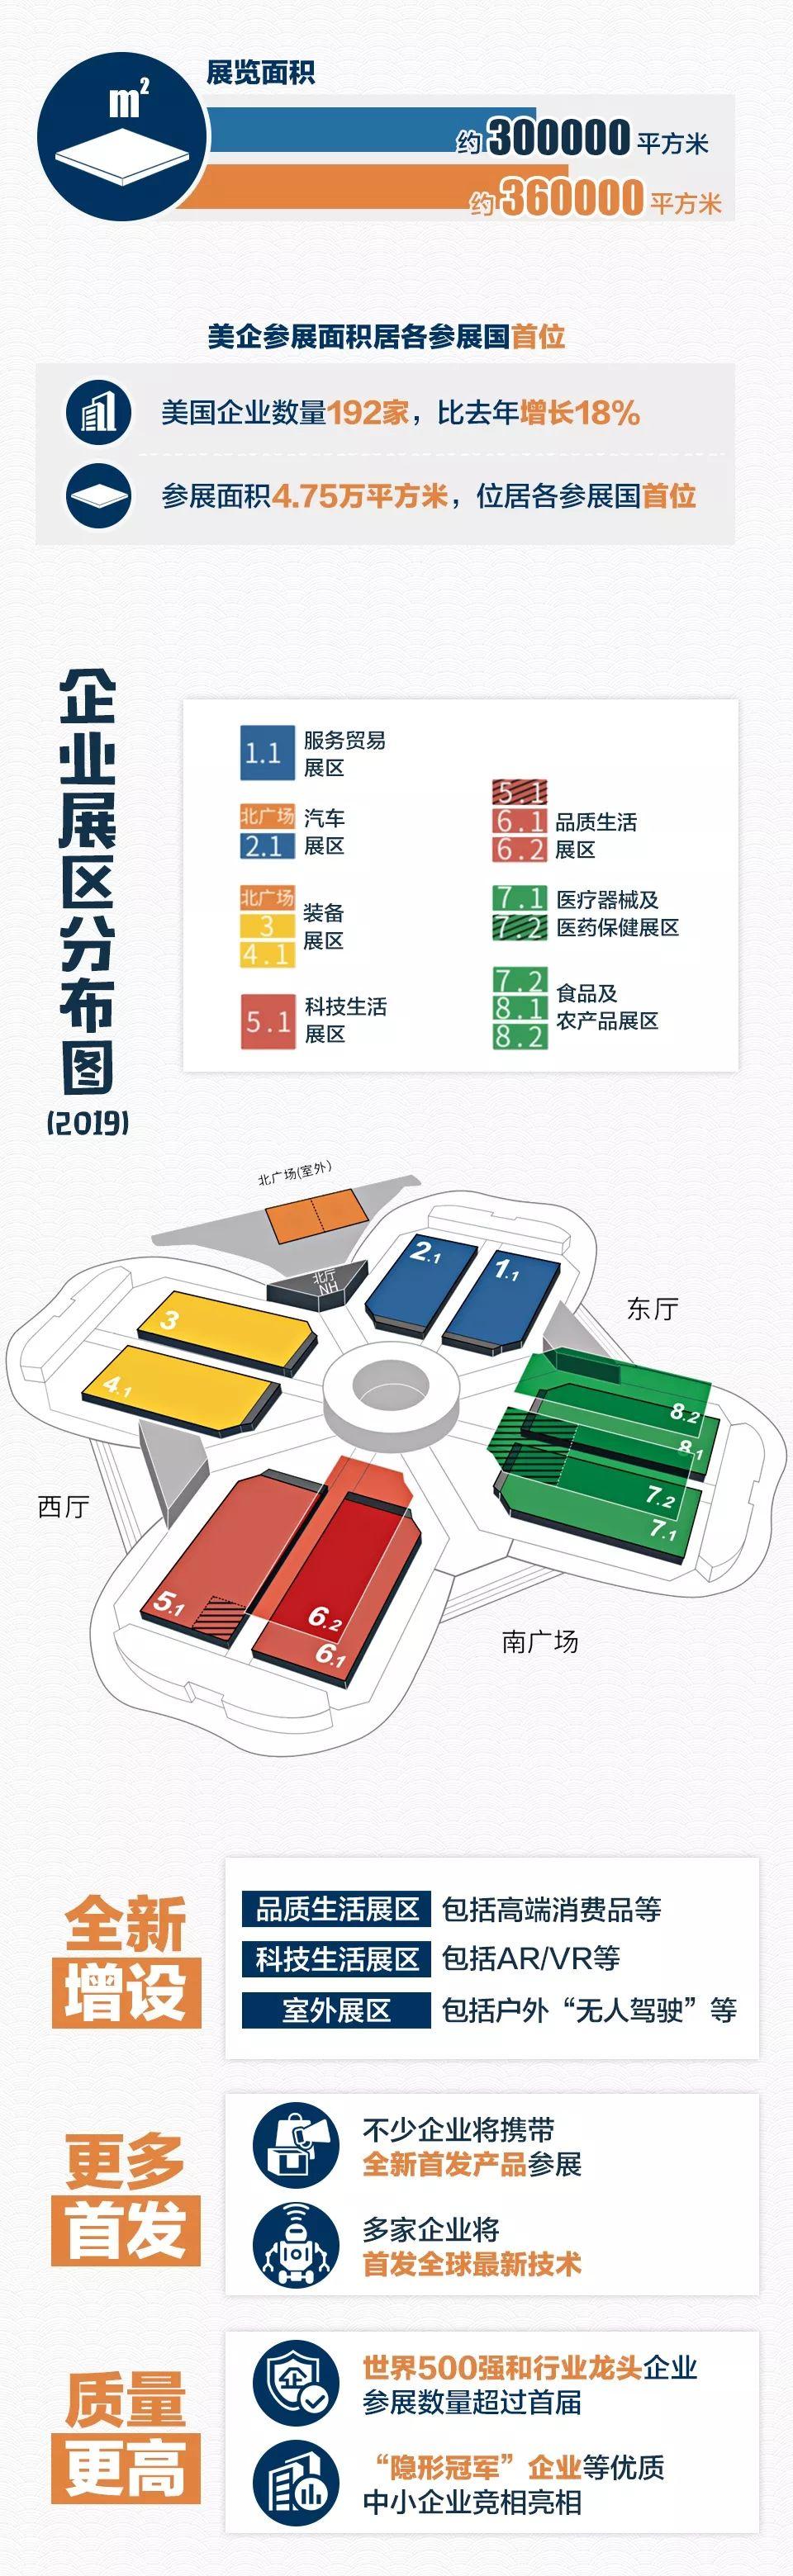 亚博体育app数据异常-中国高净值人群来自哪些行业、哪些省份?怎么理财?